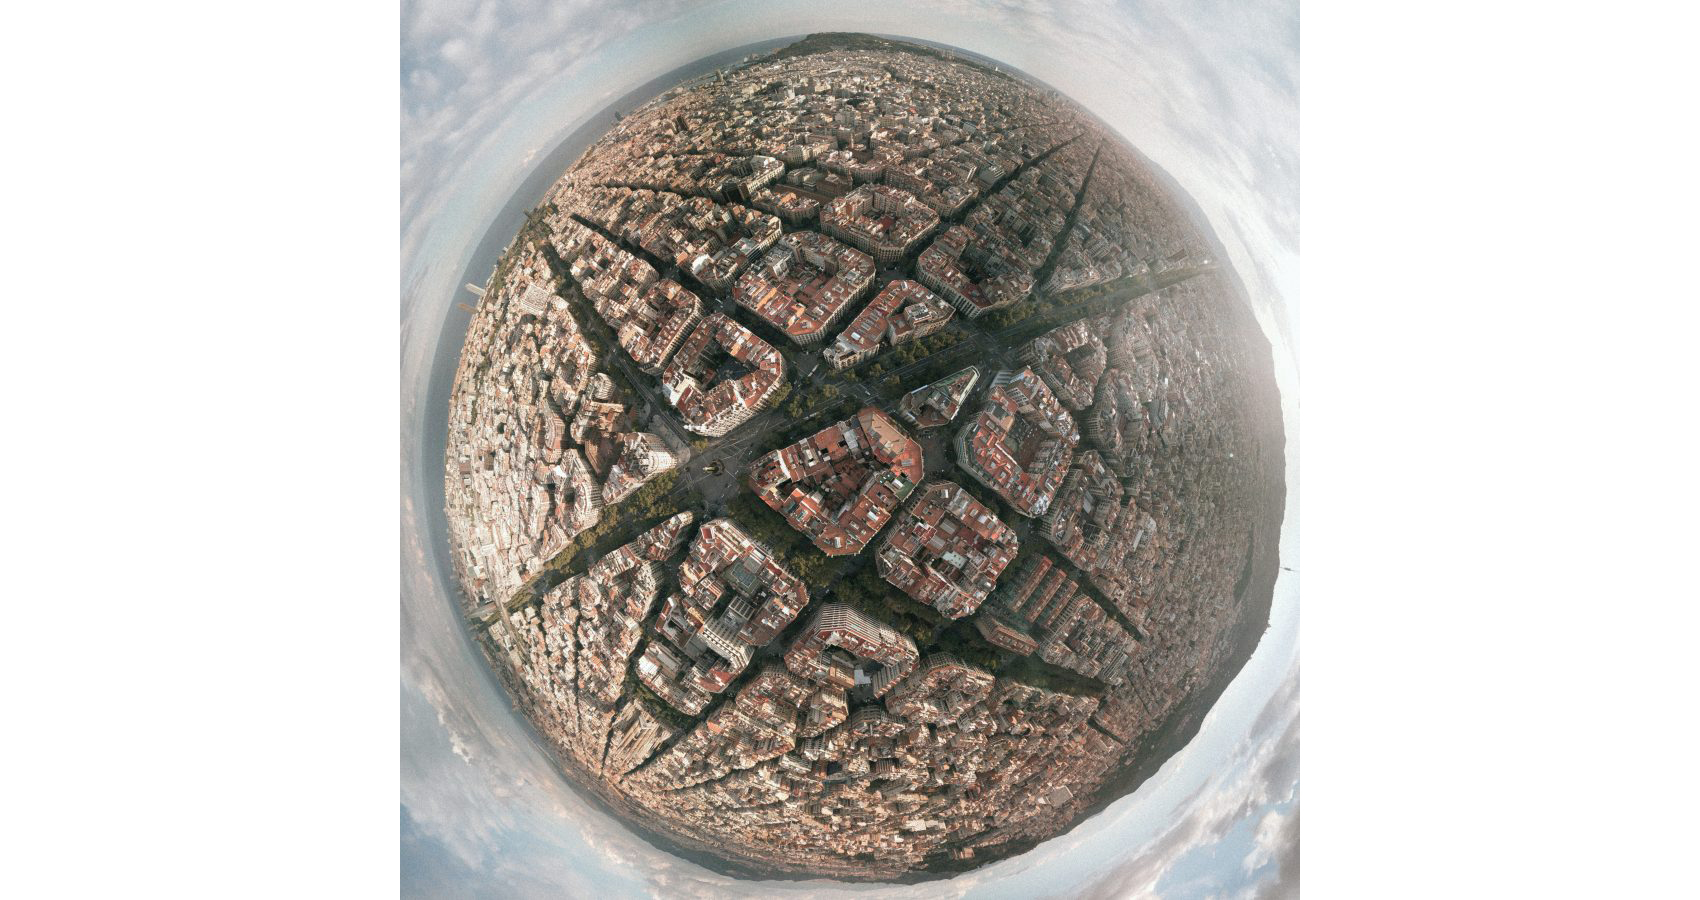 O Plano Cerdà de Barcelona de uma nova perspectiva nessa fotografia aérea